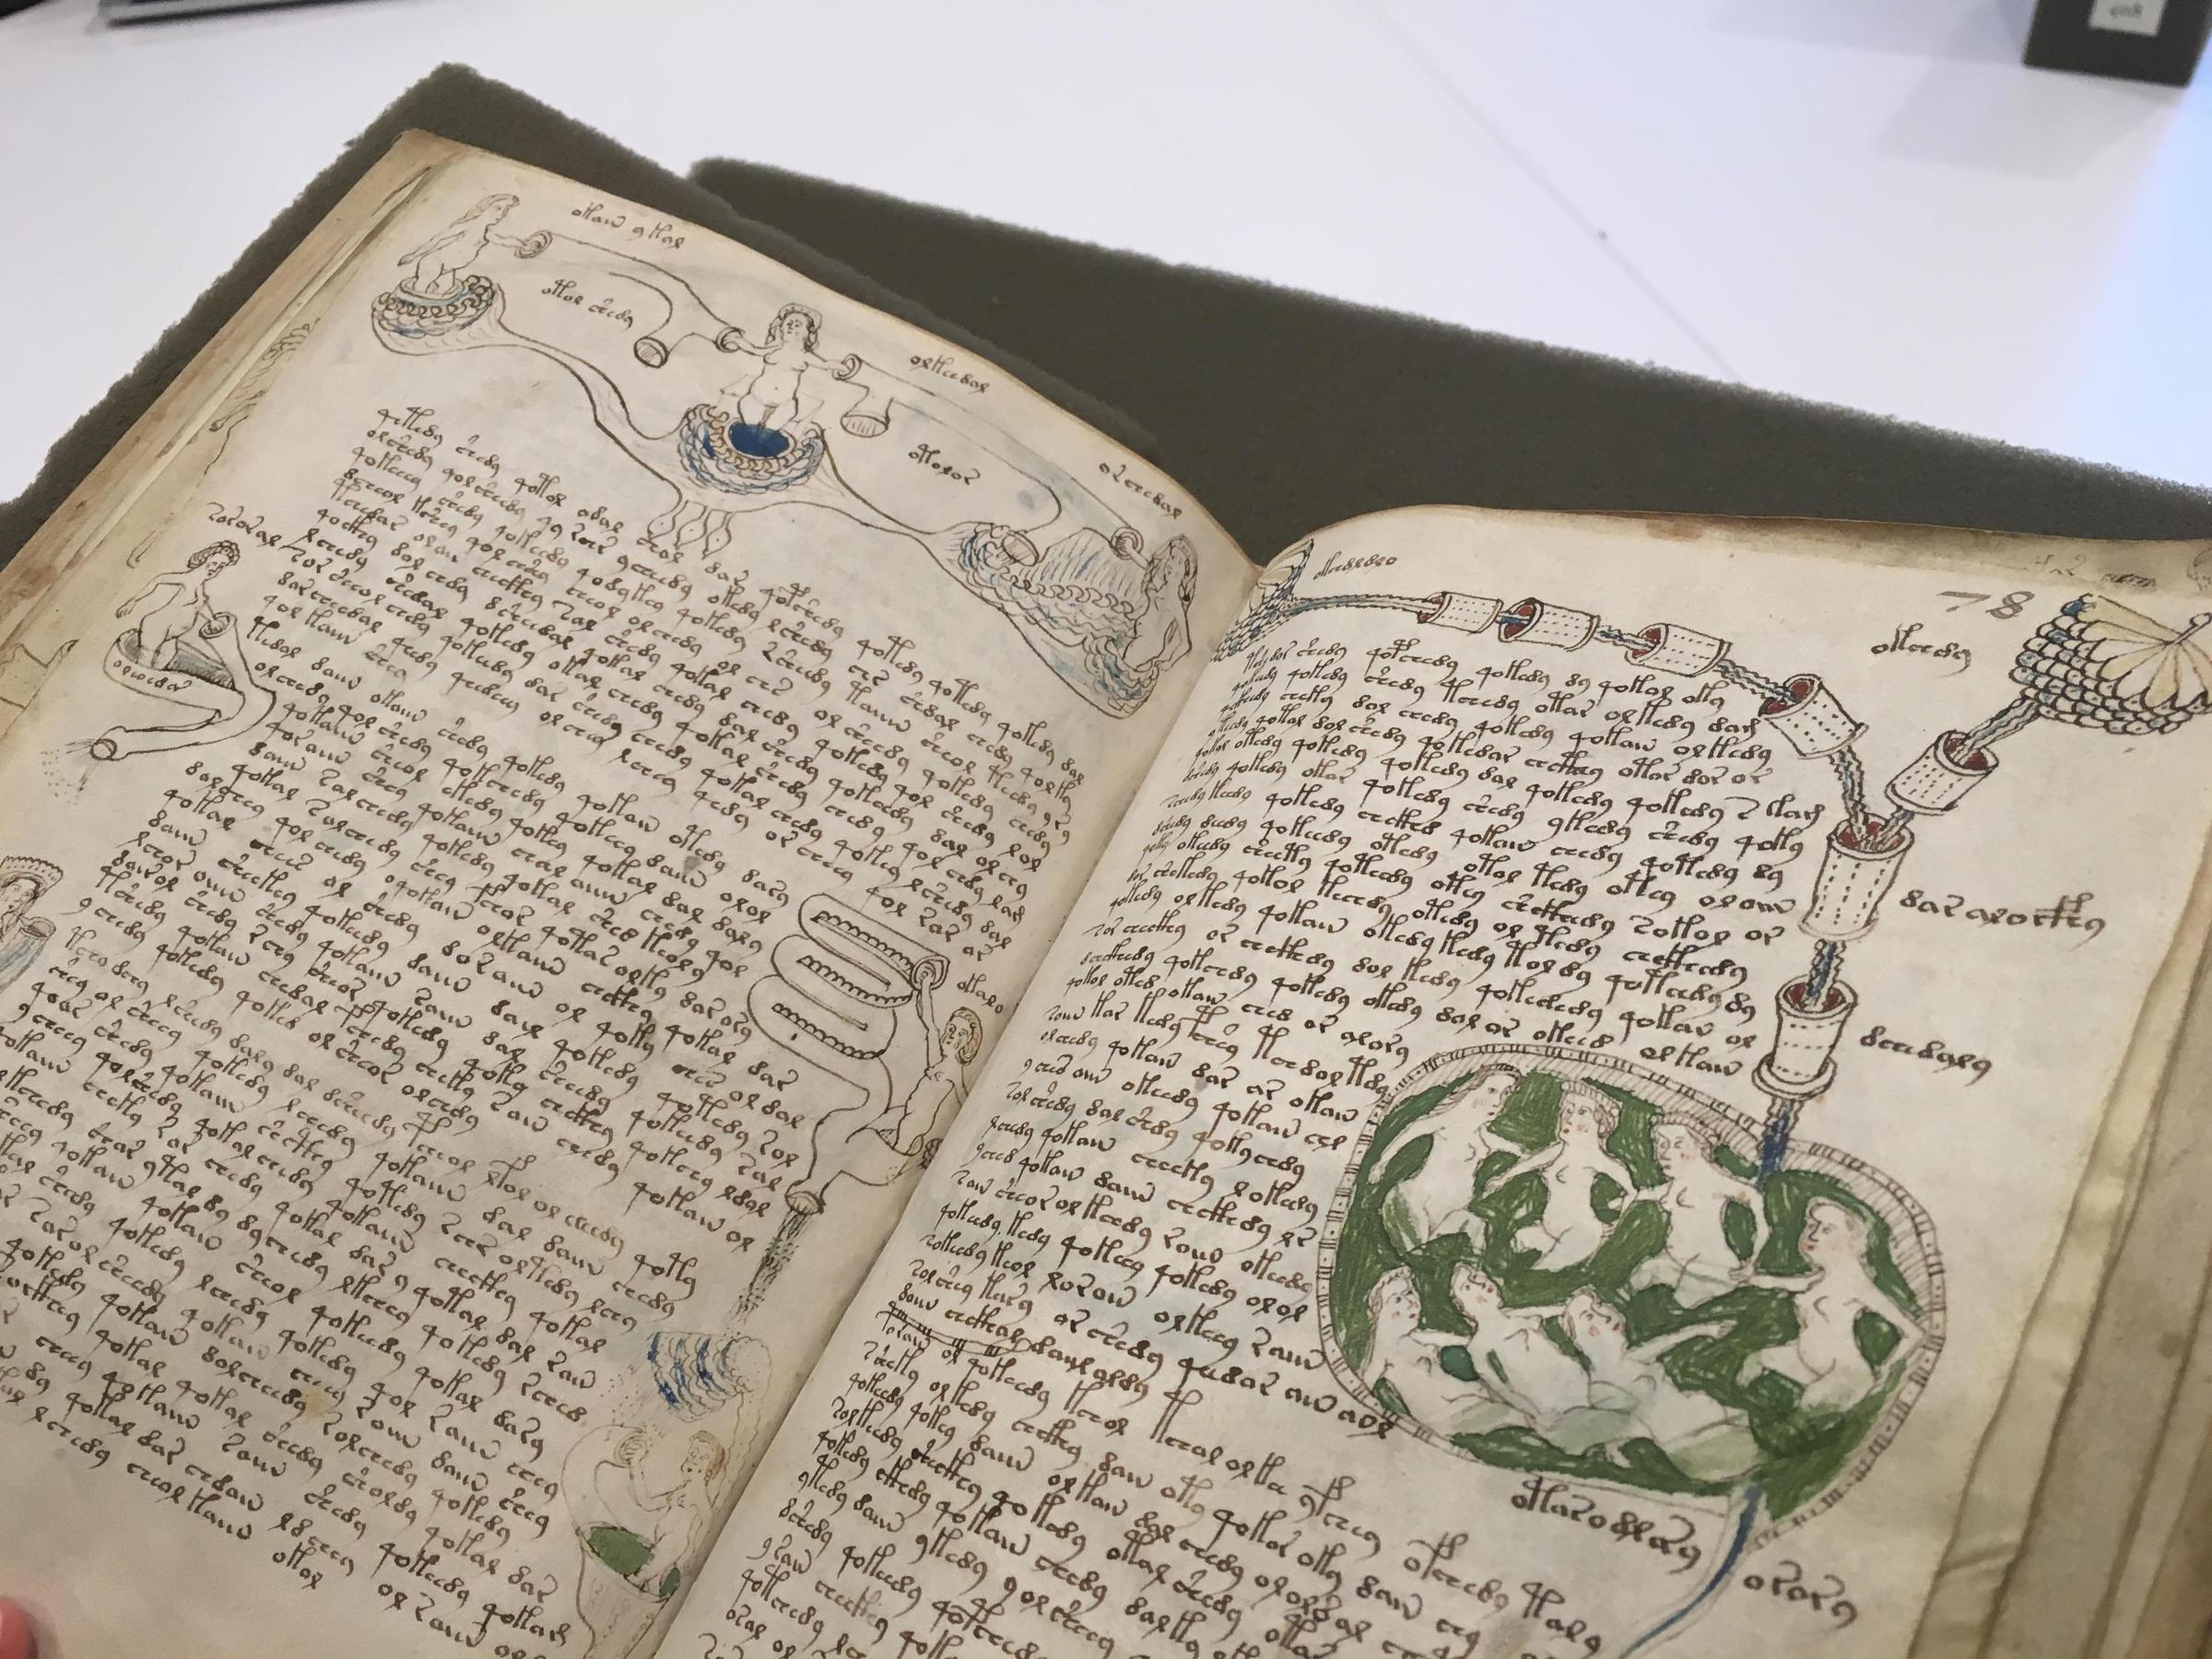 Лист рукописи Войнича из Йельской библиотеки